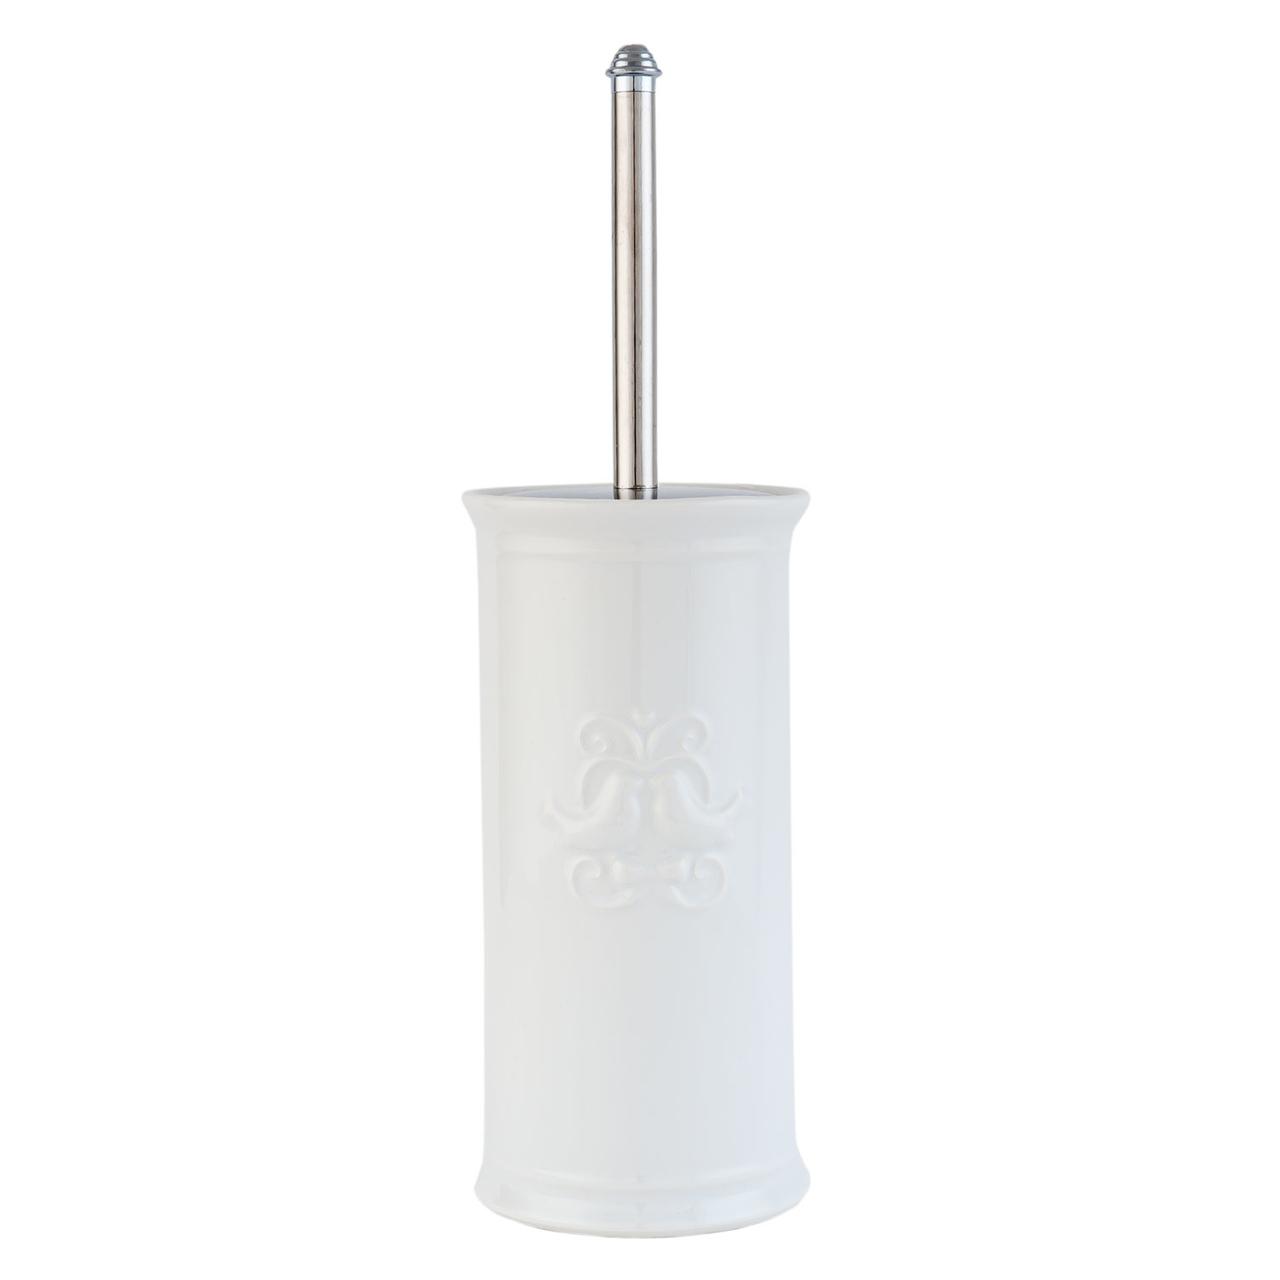 Clayre & Eef Toilettenbürstengarnitur Keramik weiß